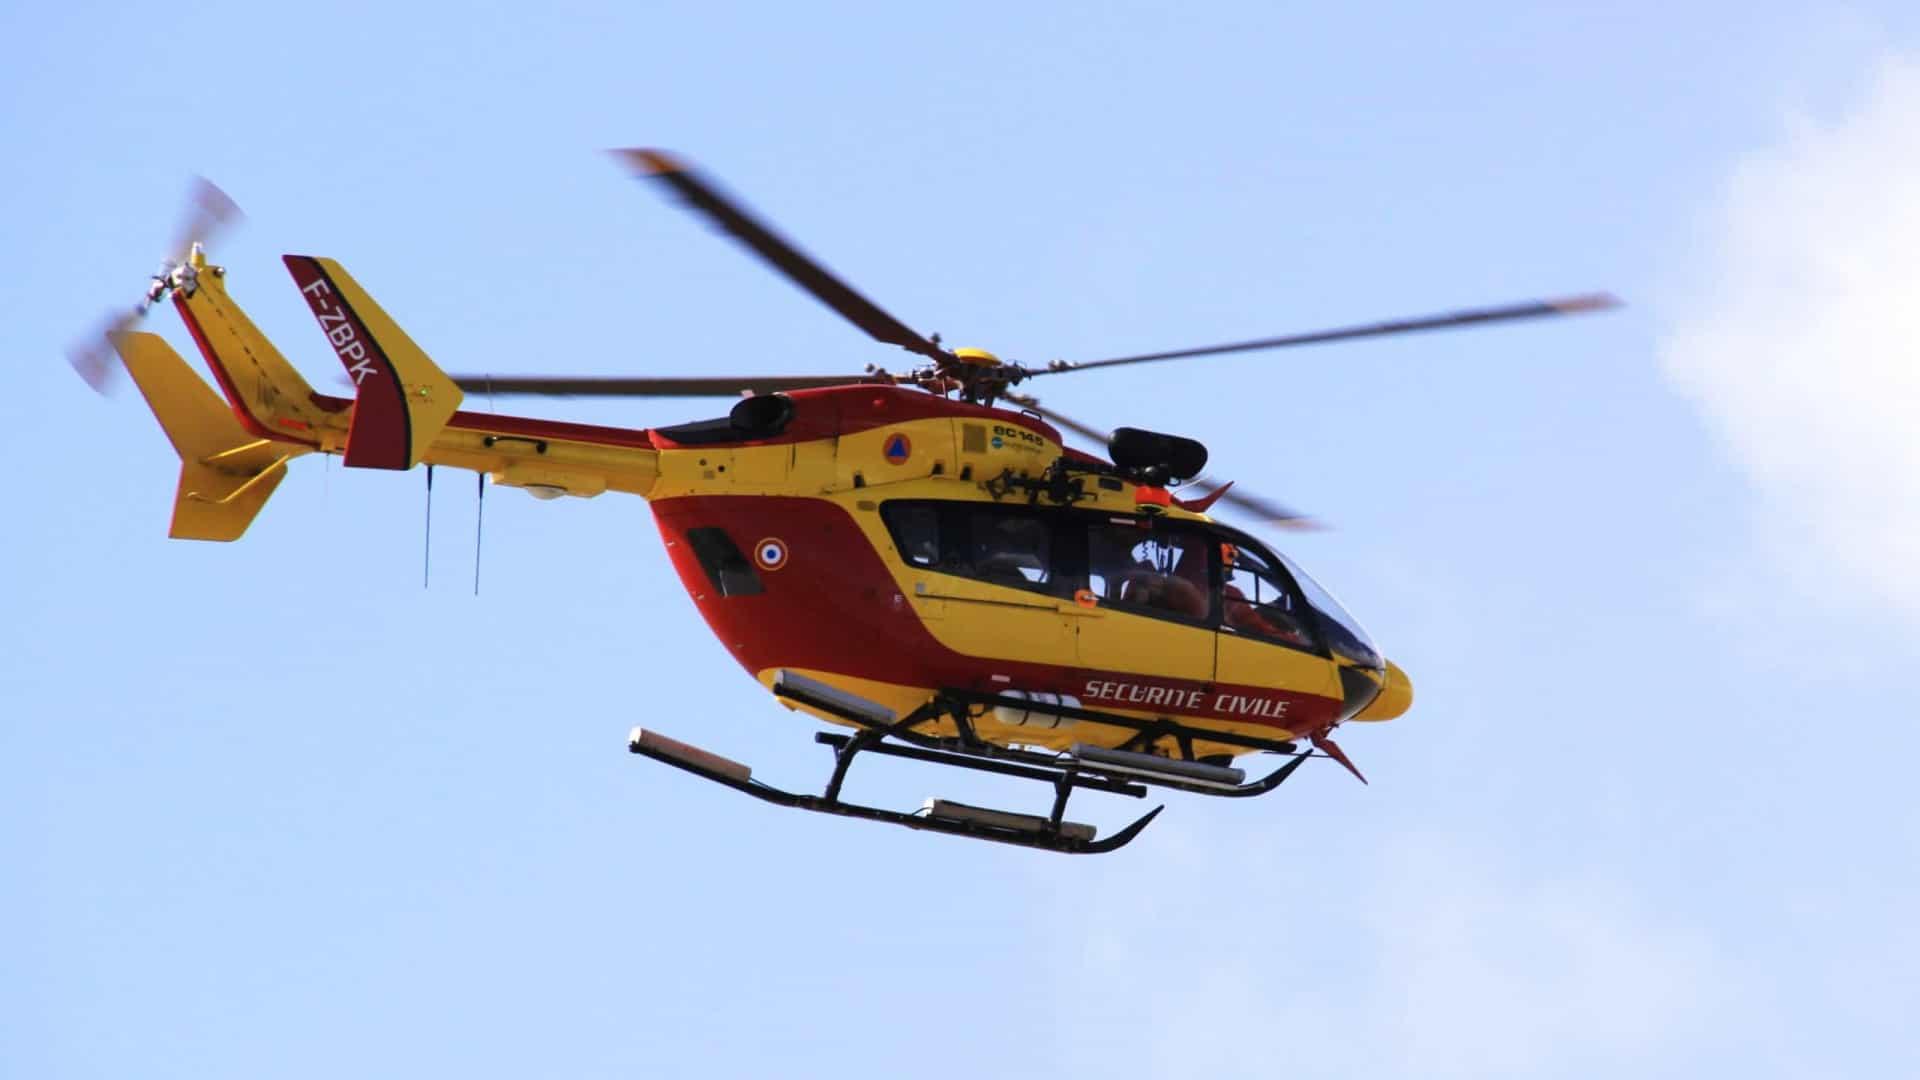 A equipe de resgate estava em um helicóptero EC145 foto: Wikimedia Commons